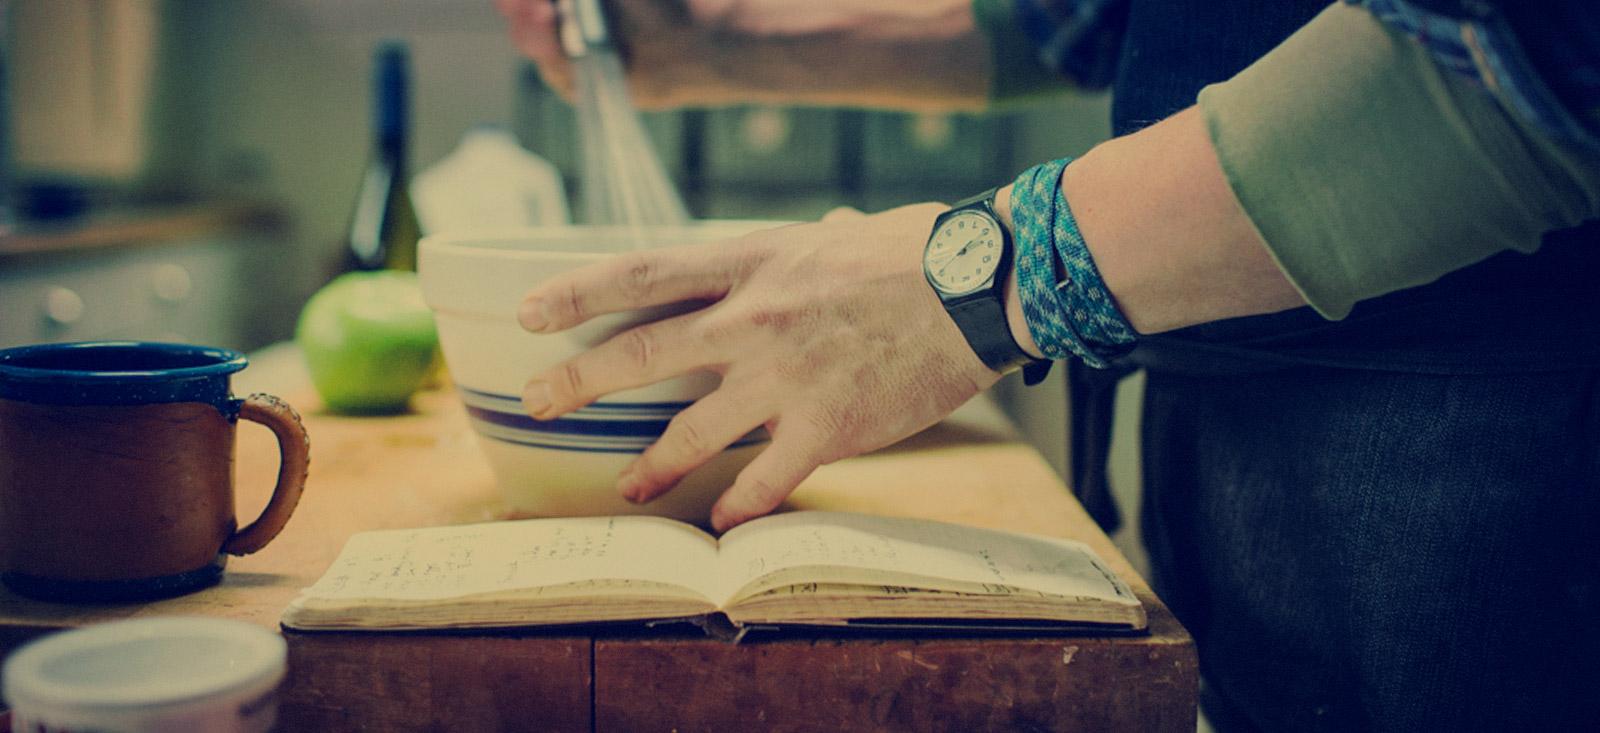 Wrist Wrap